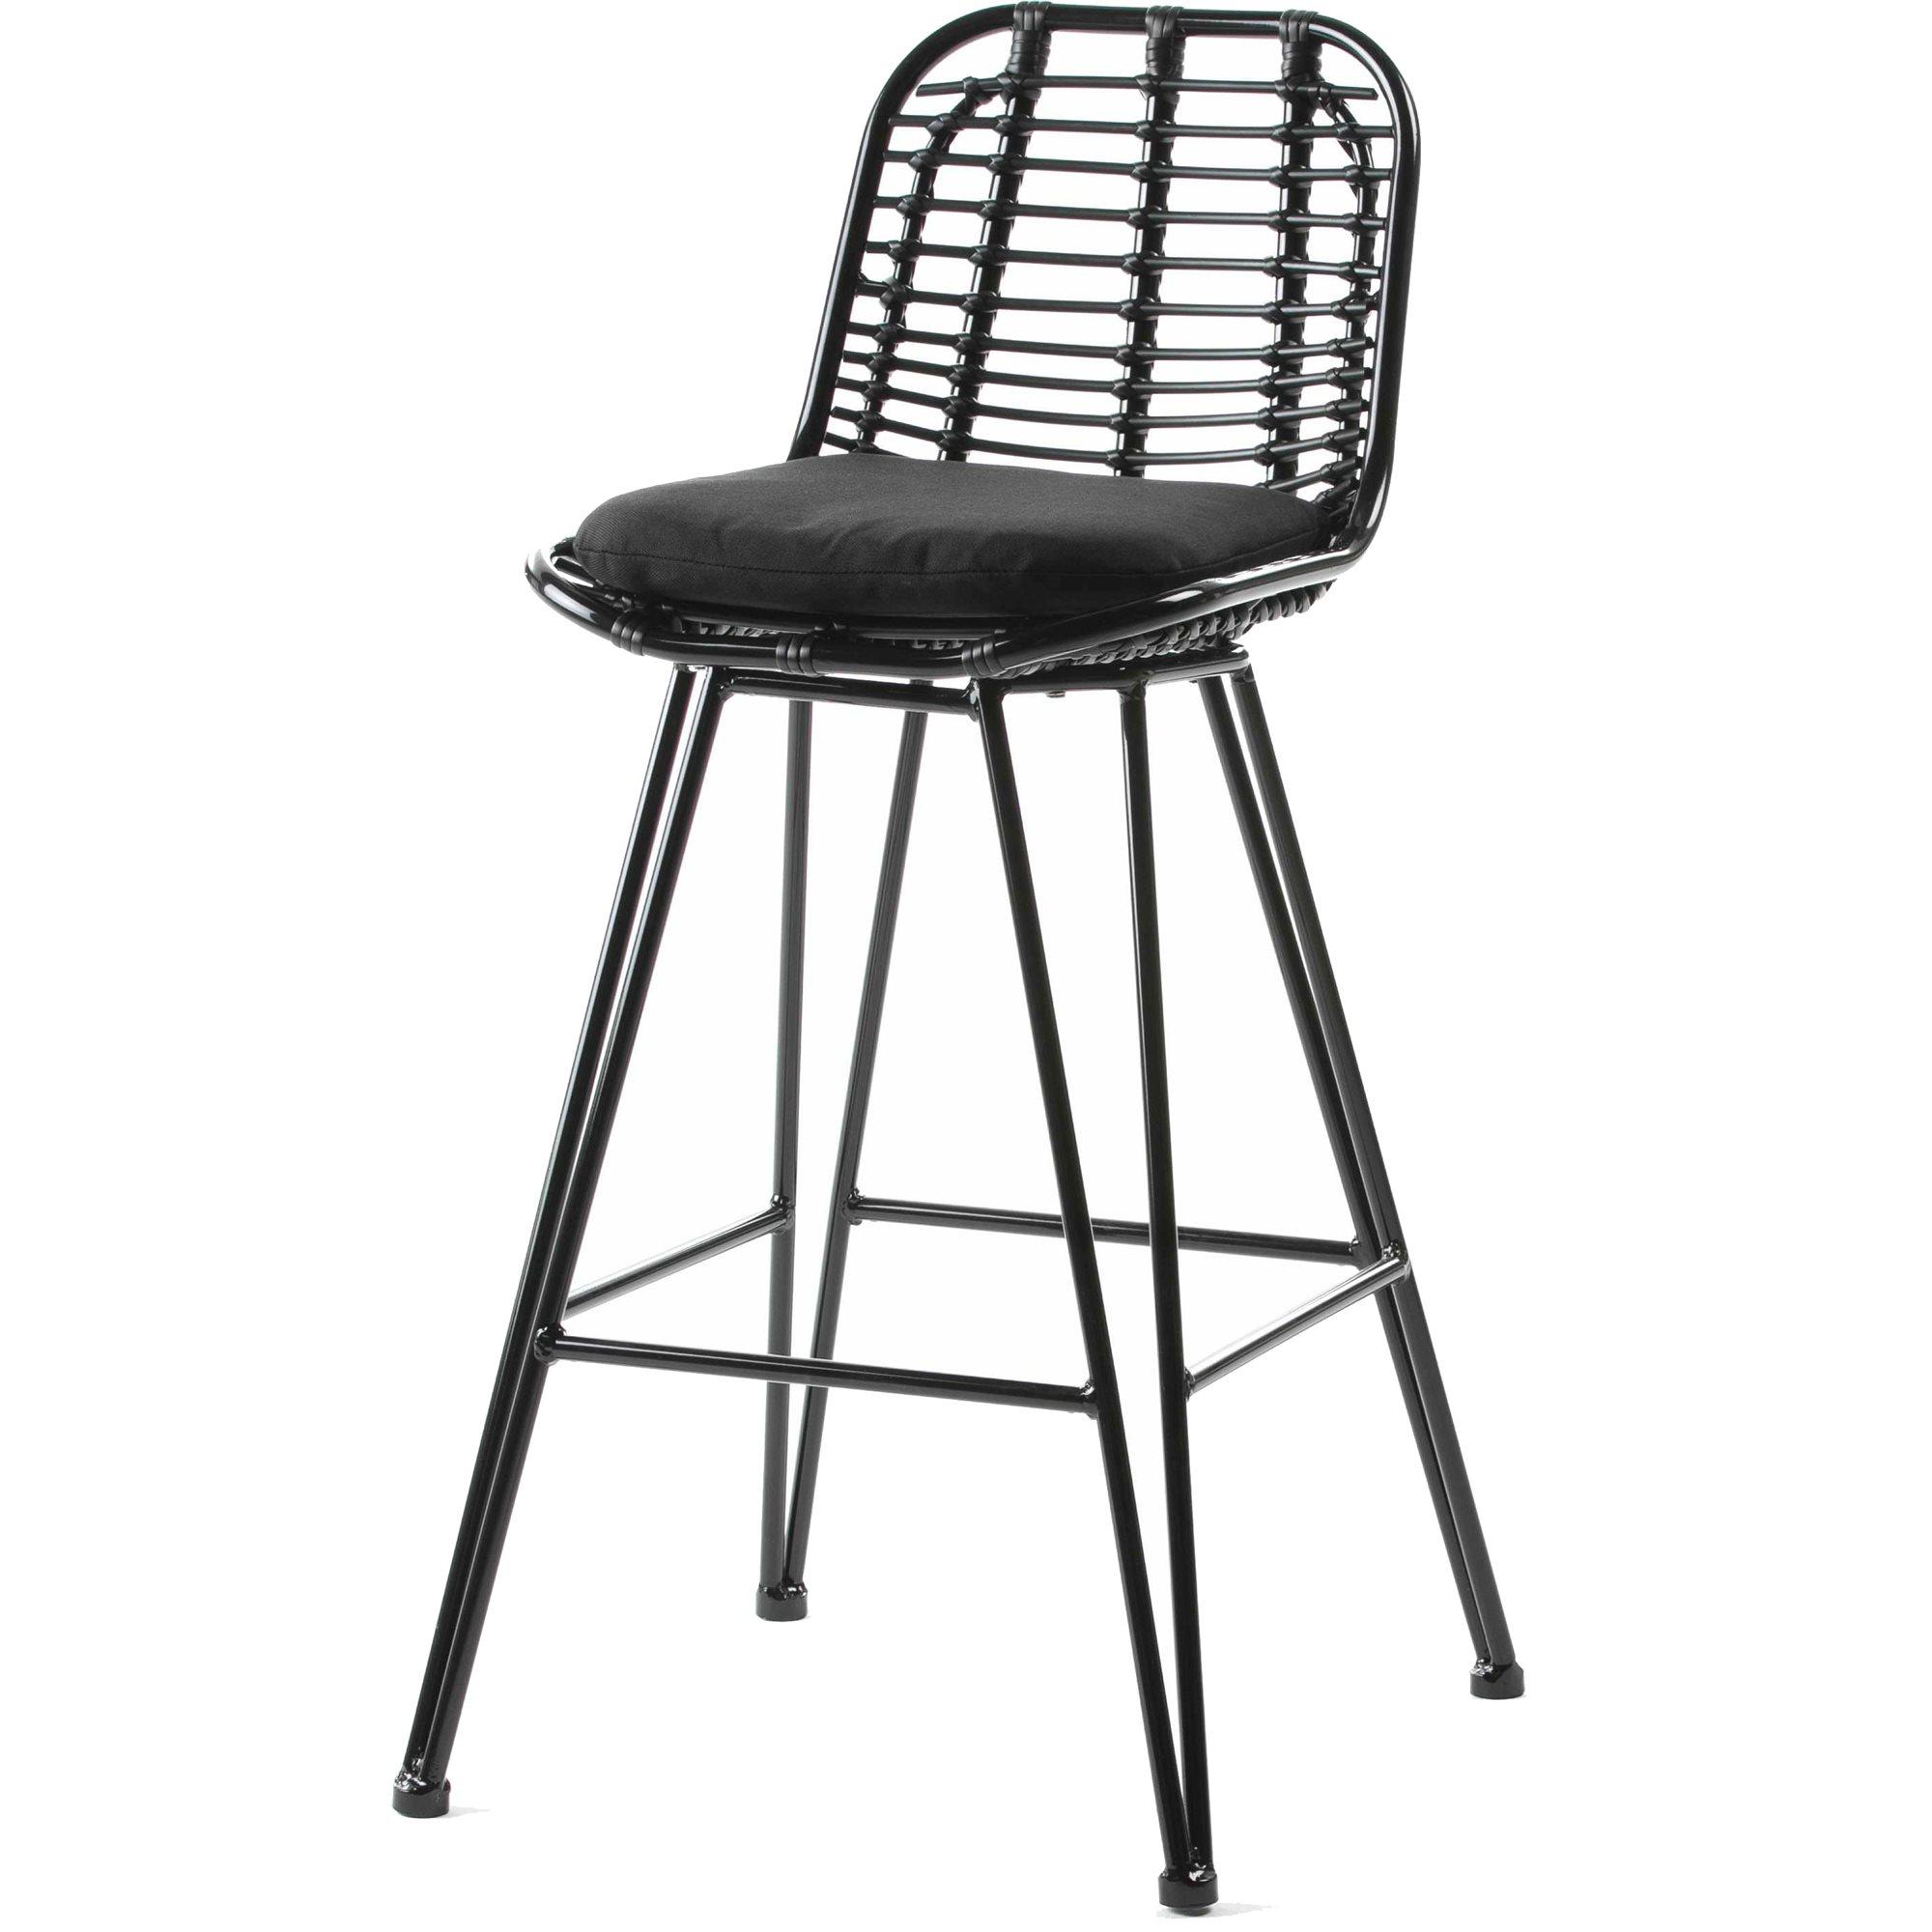 Tabouret haut d'extérieur en aluminium et assise noir